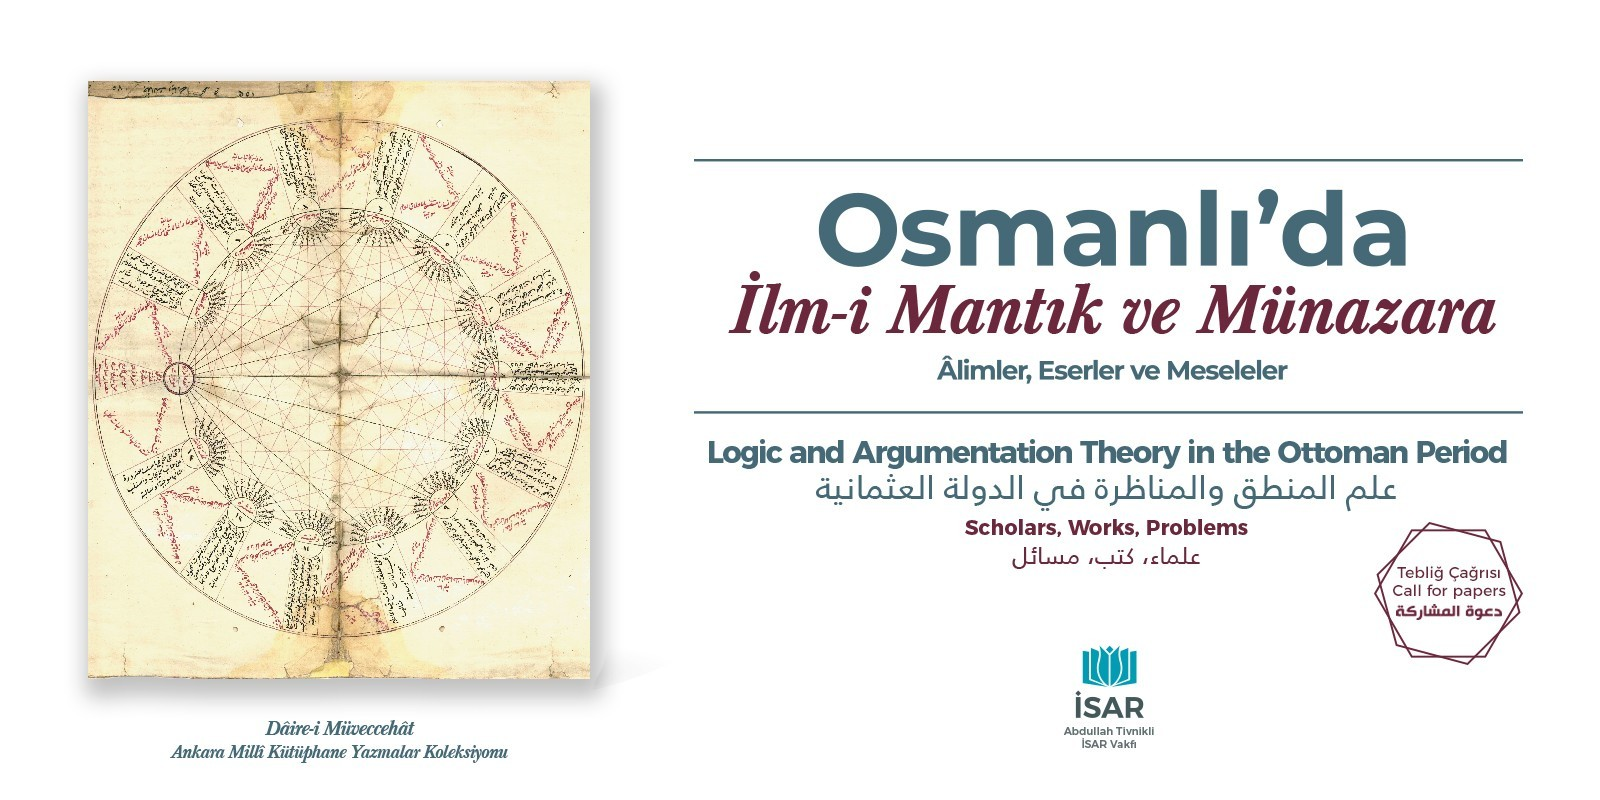 Osmanlı'da İlm-i Mantık ve Münazara Sempozyumu Tebliğ Çağrısı